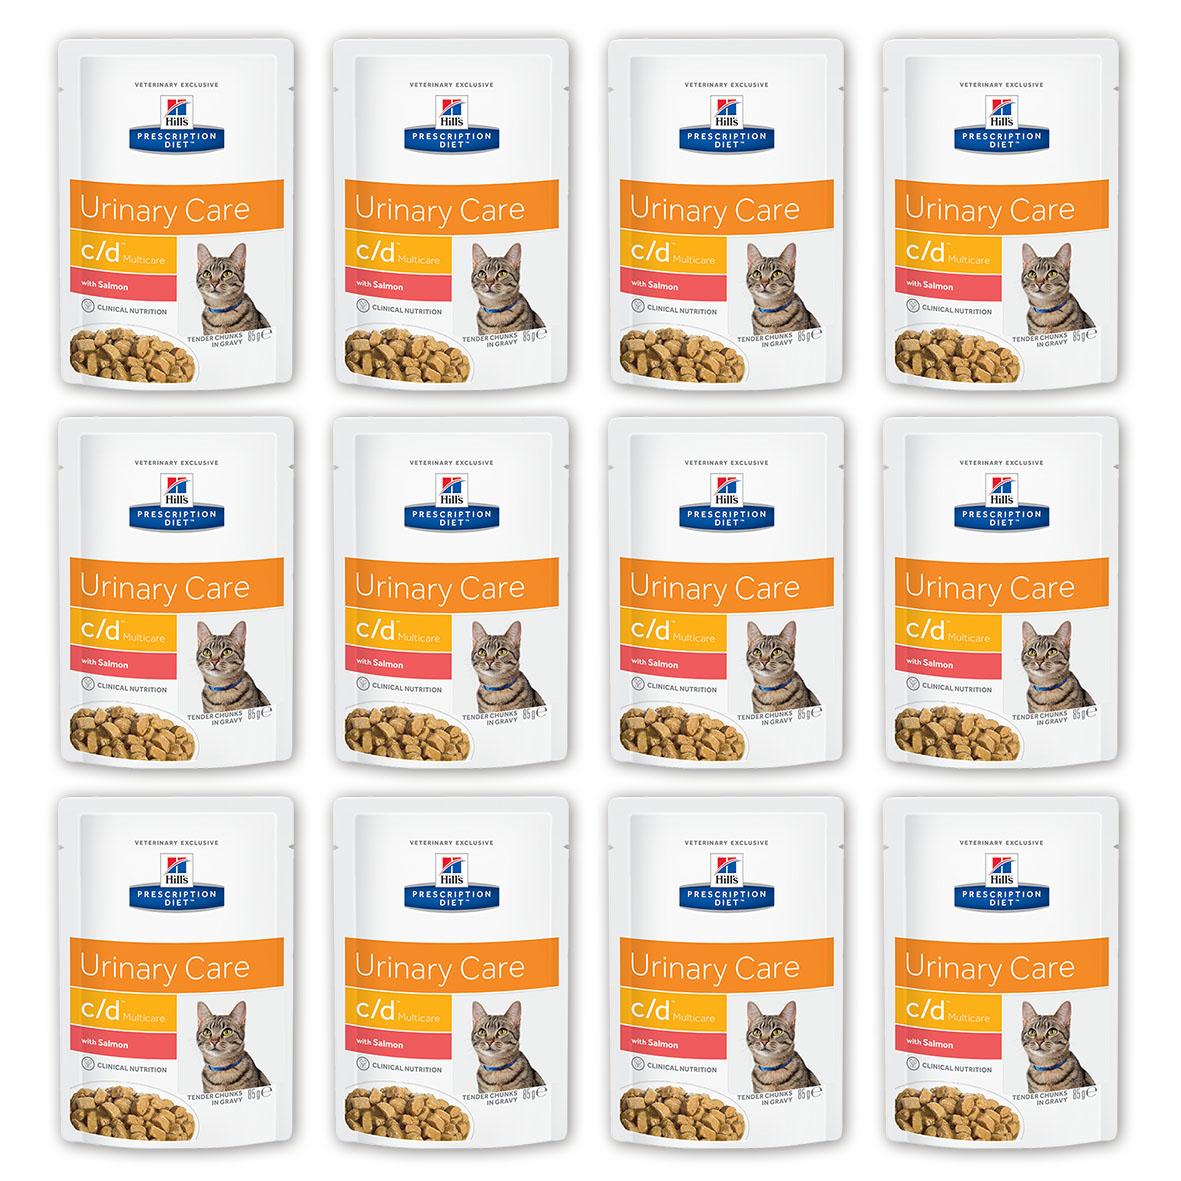 Консервы для кошек Hill's Prescription Diet. C/D, для профилактики мочекаменной болезни, с лососем, 85 г, 12 шт консервы для кошек hill s prescription diet k d при заболевании почек и урологическом синдроме с лососем 85 г 12 шт